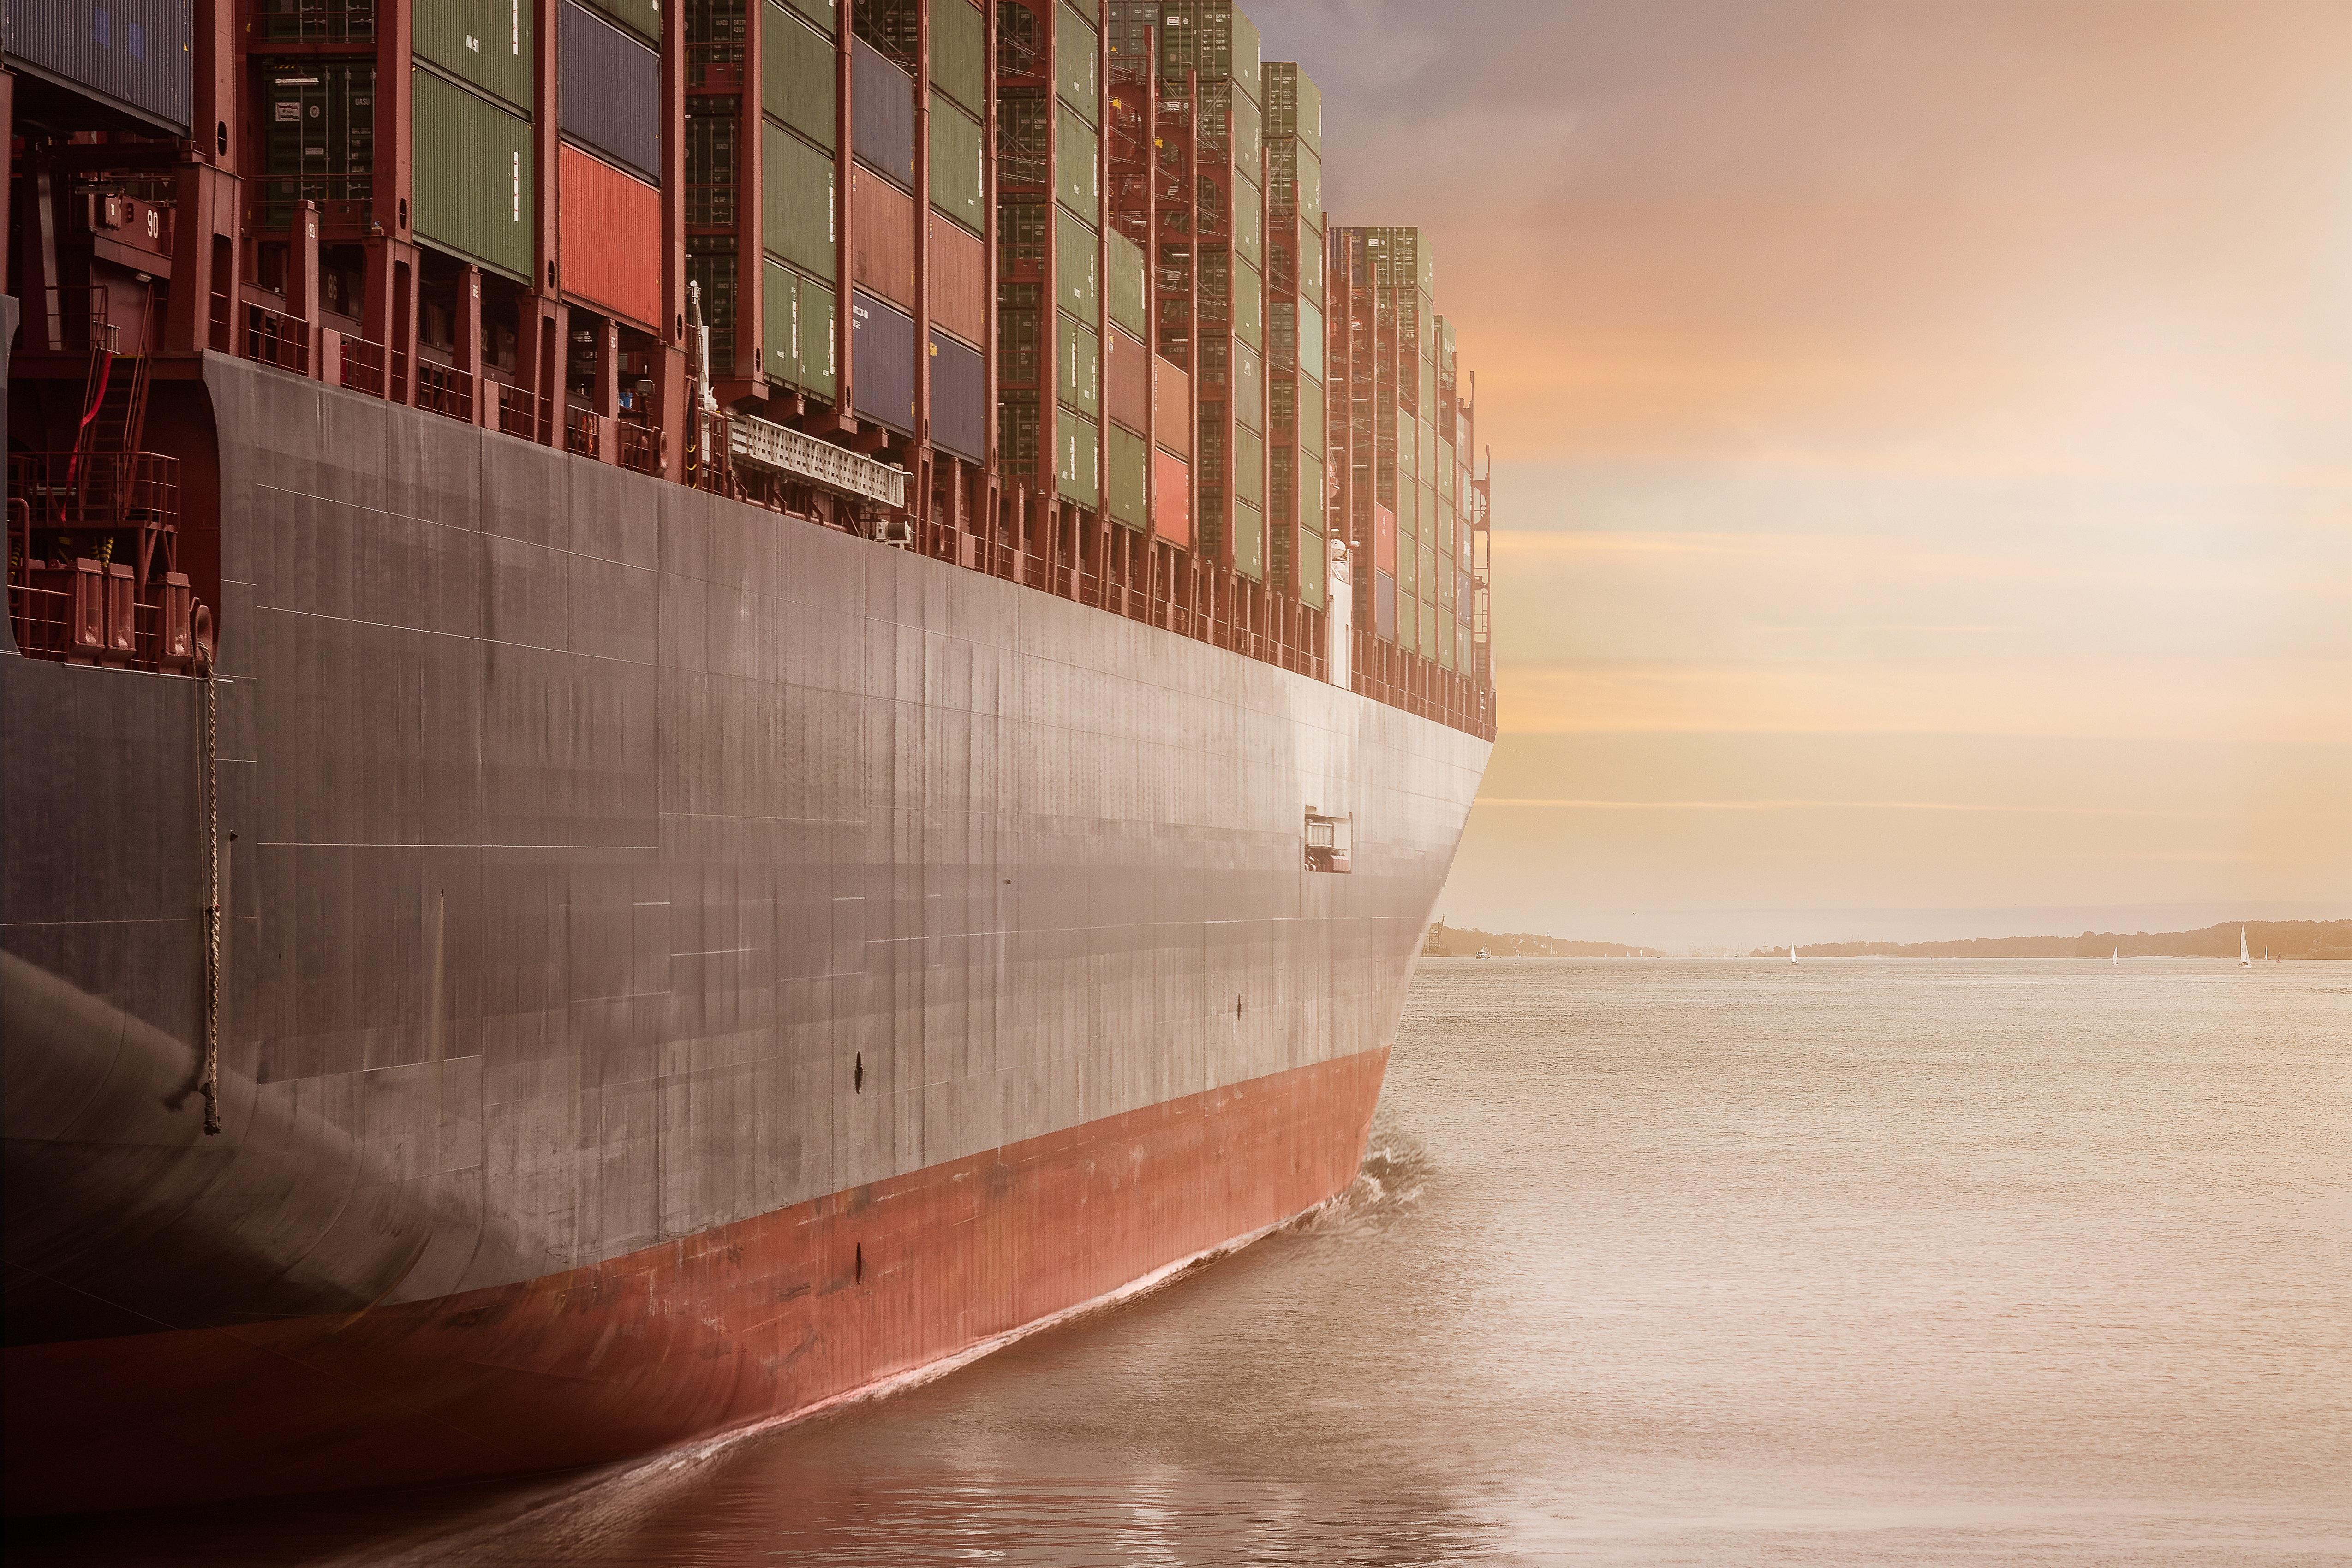 cargo déménagement conteneur déménagement_conteneur maritime déménagement international